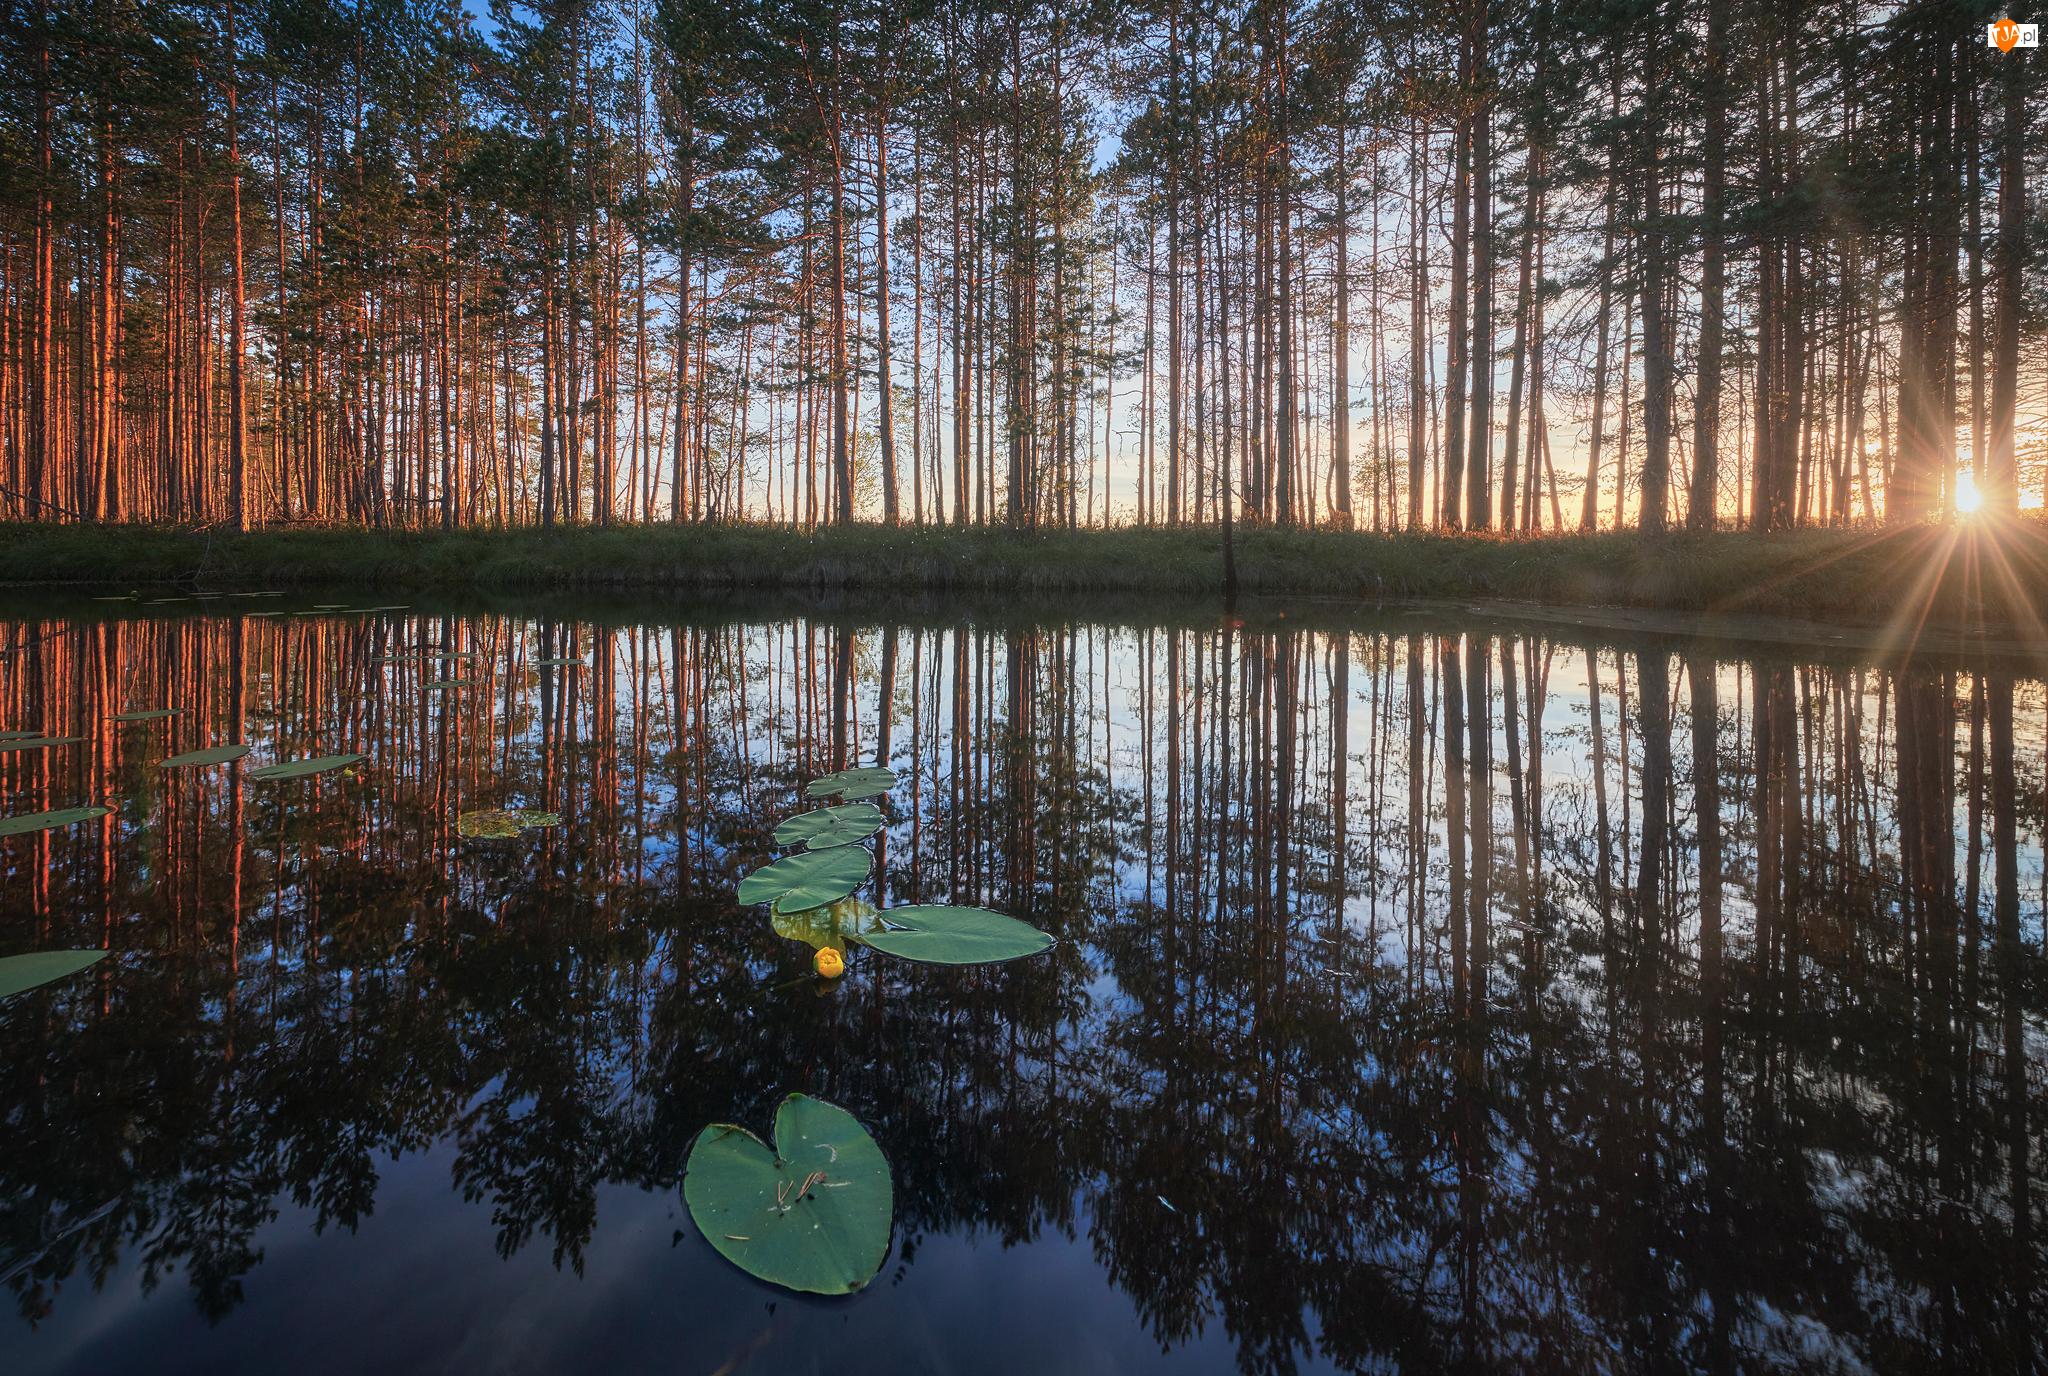 Liście, Wschód słońca, Staw, Drzewa, Lilie wodne